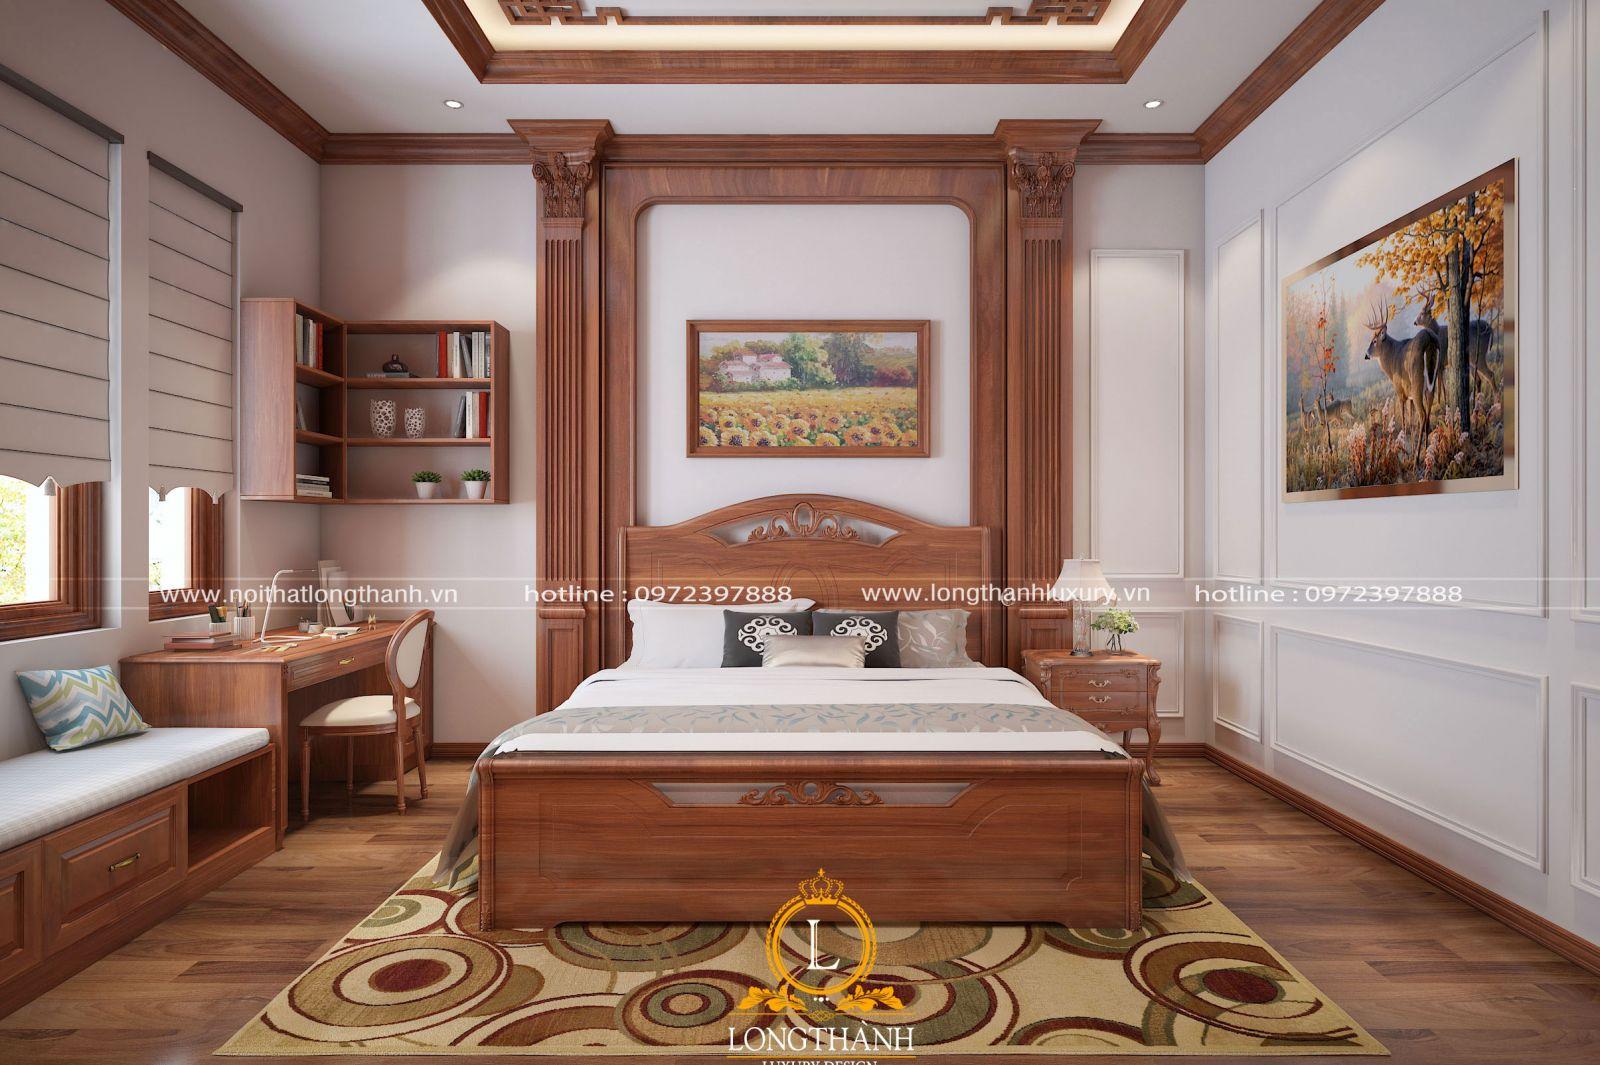 Thiết kế nội thất phòng ngủ kết hợp với tranh treo tường